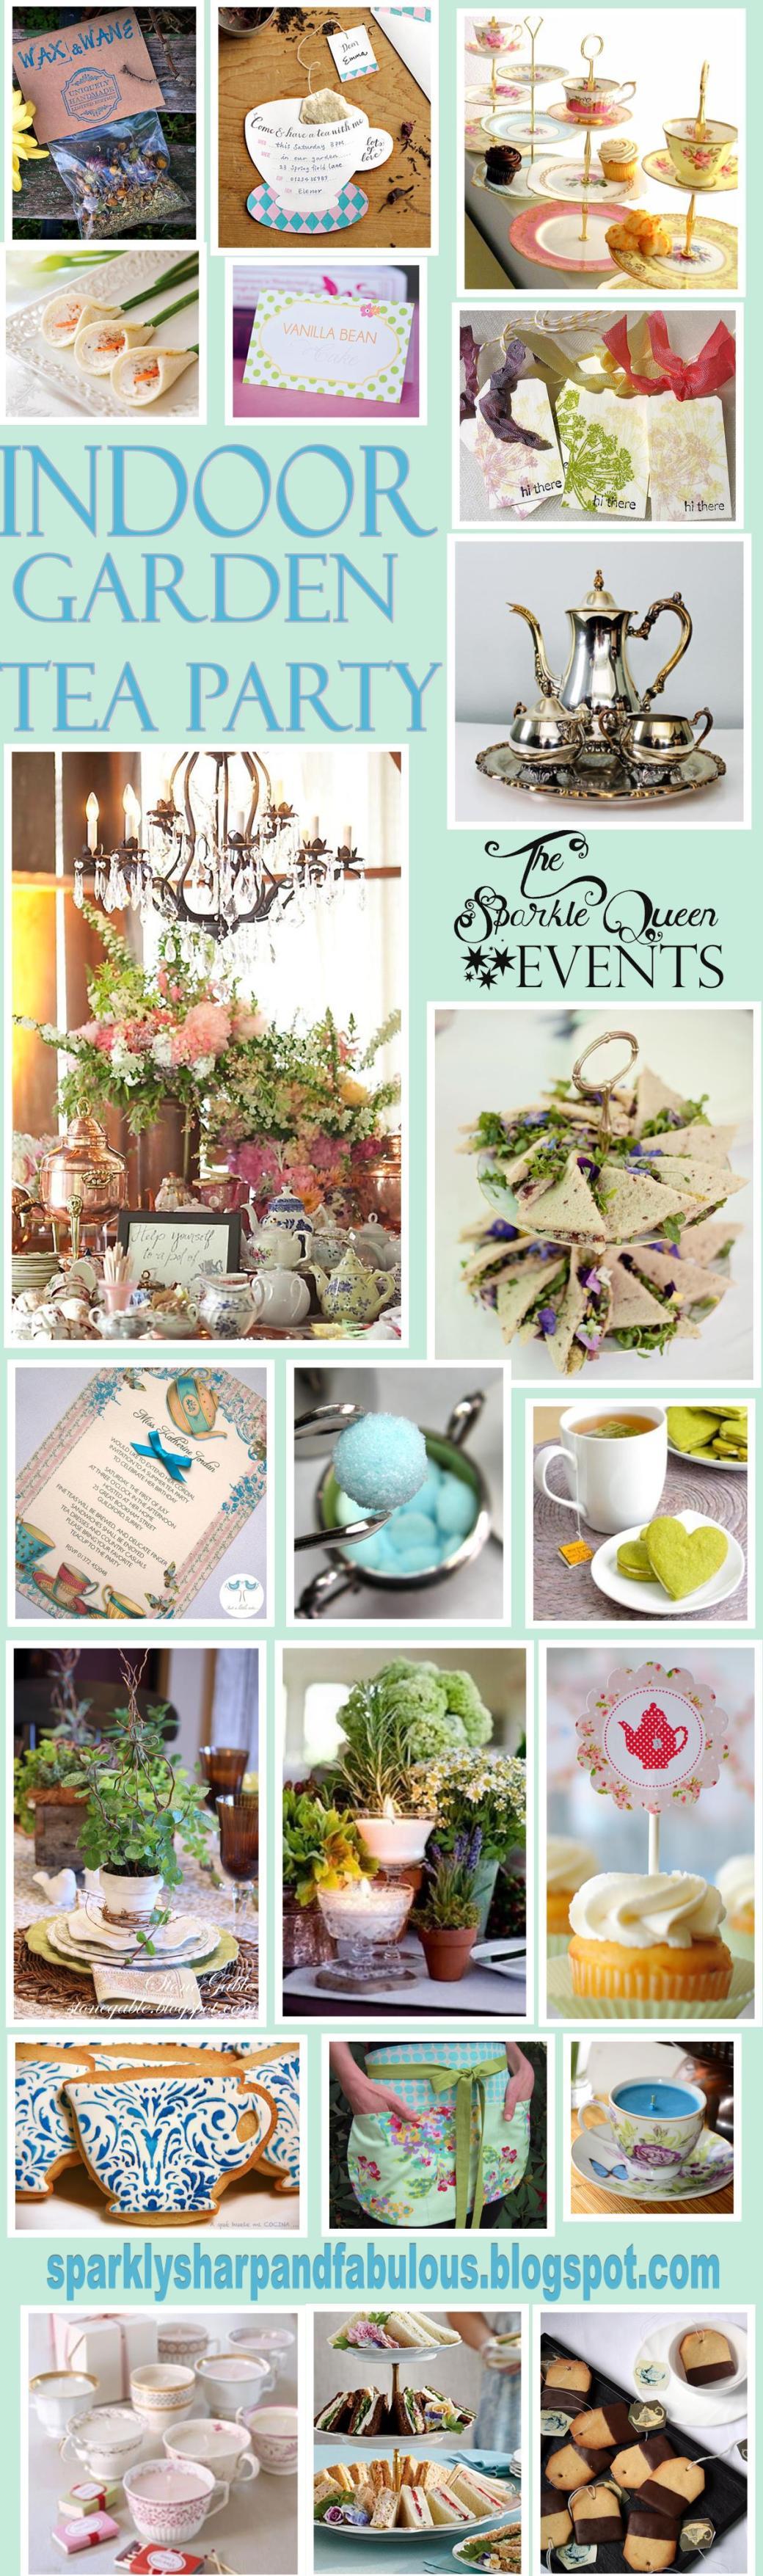 Indoor Garden Tea Party